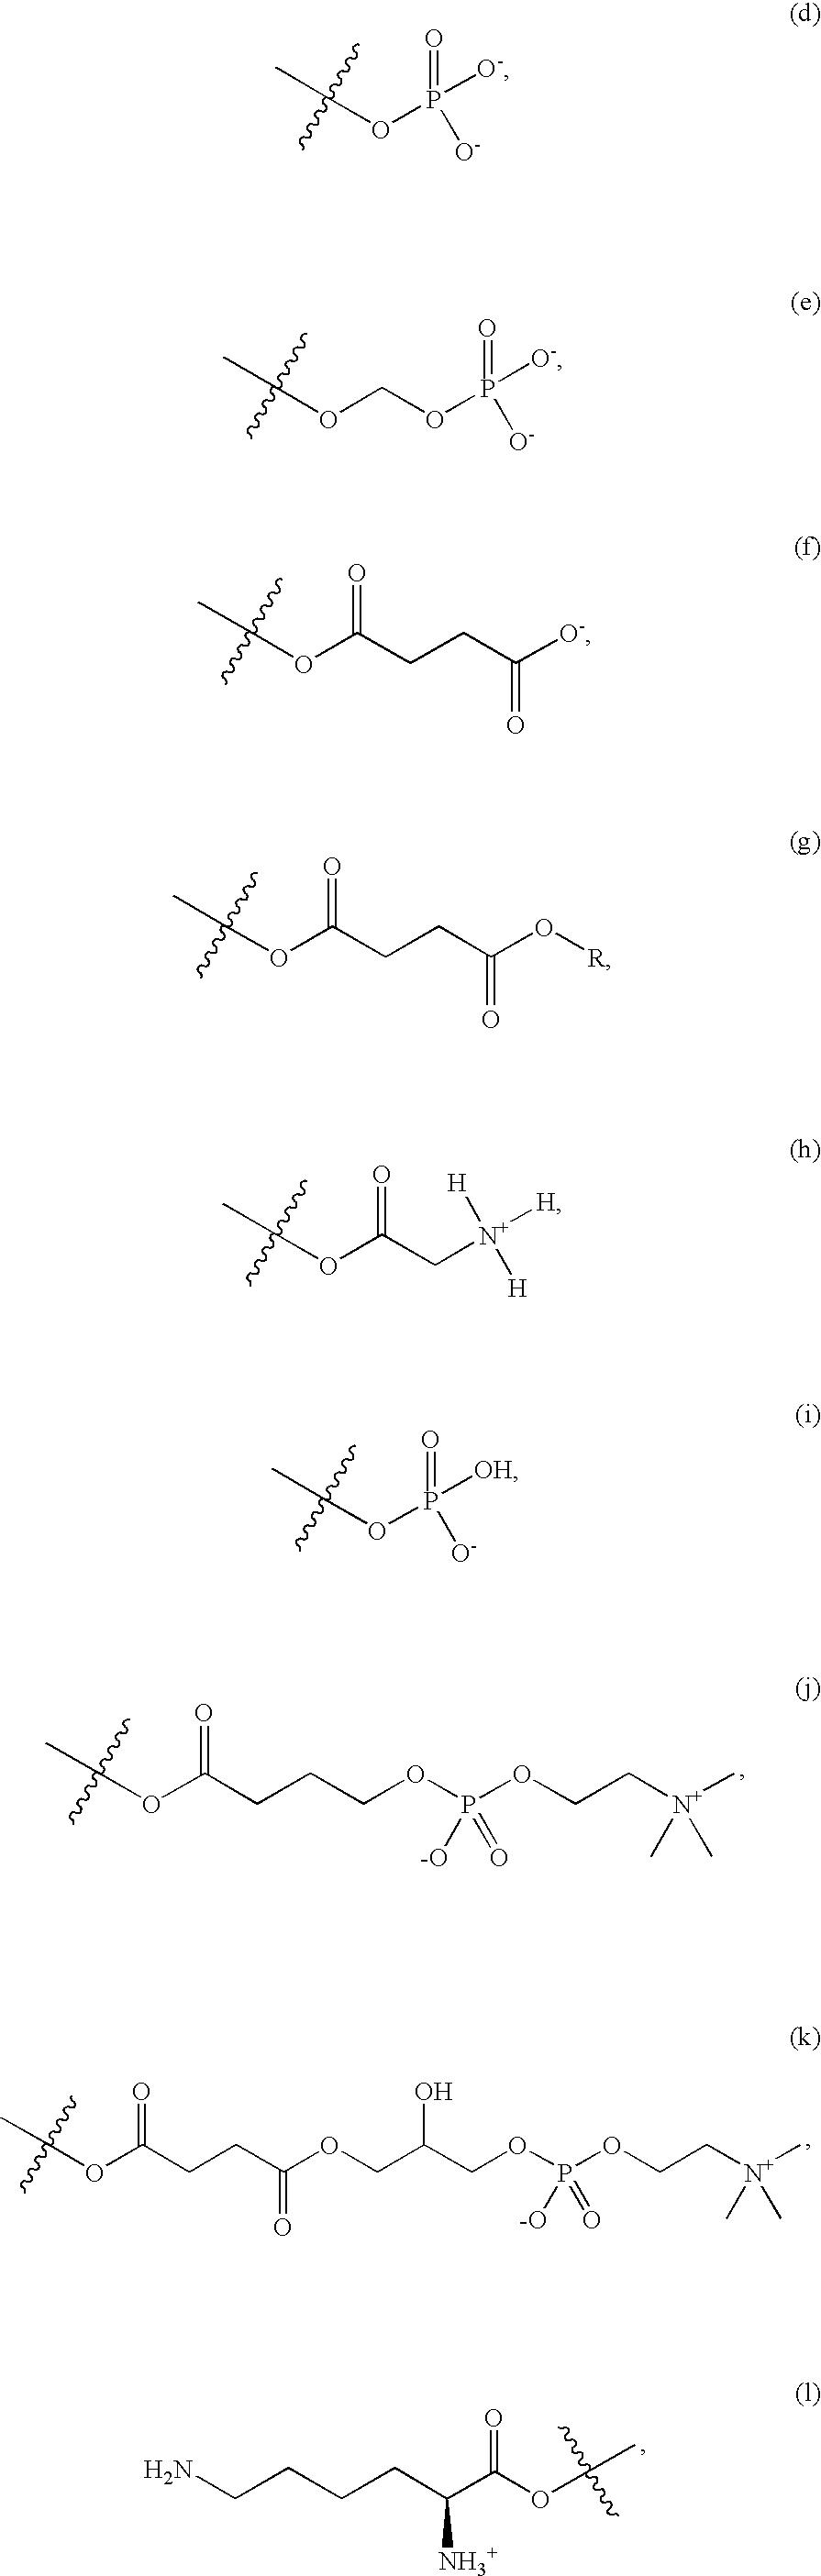 Figure US07691901-20100406-C00030